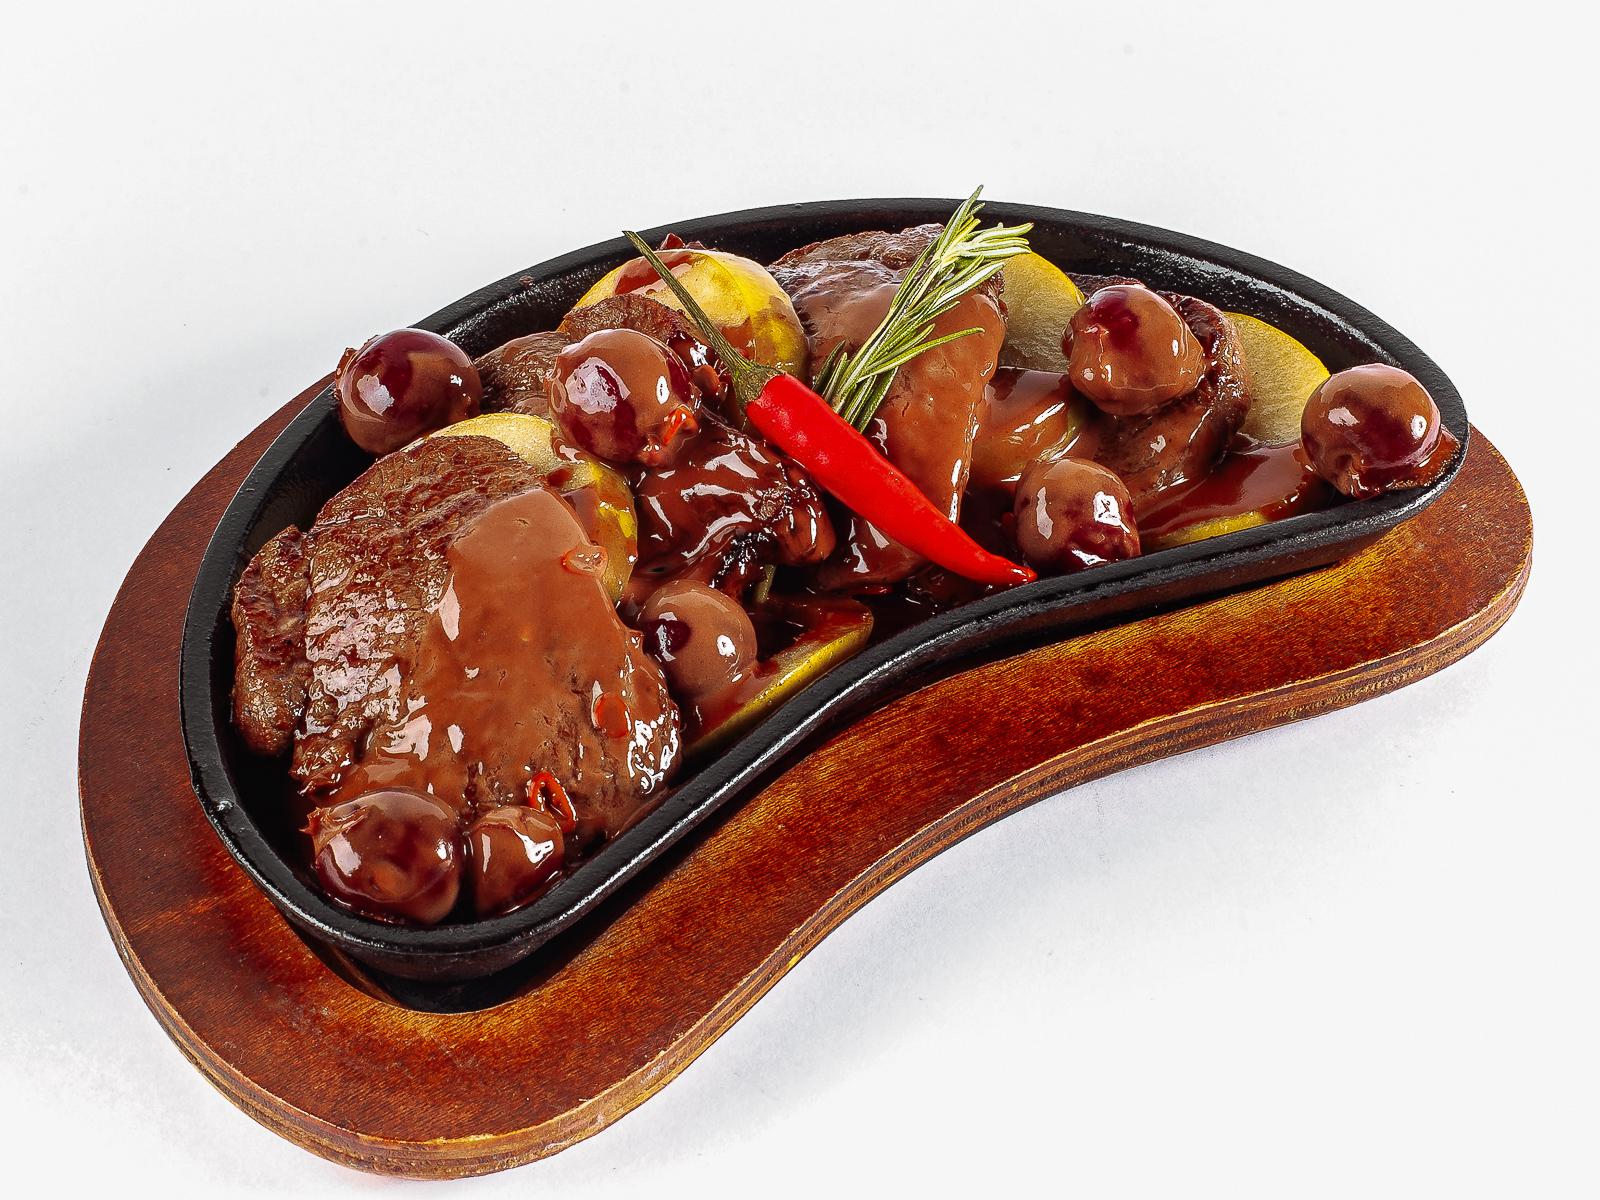 Медальоны из телятины в остро-шоколадном соусе